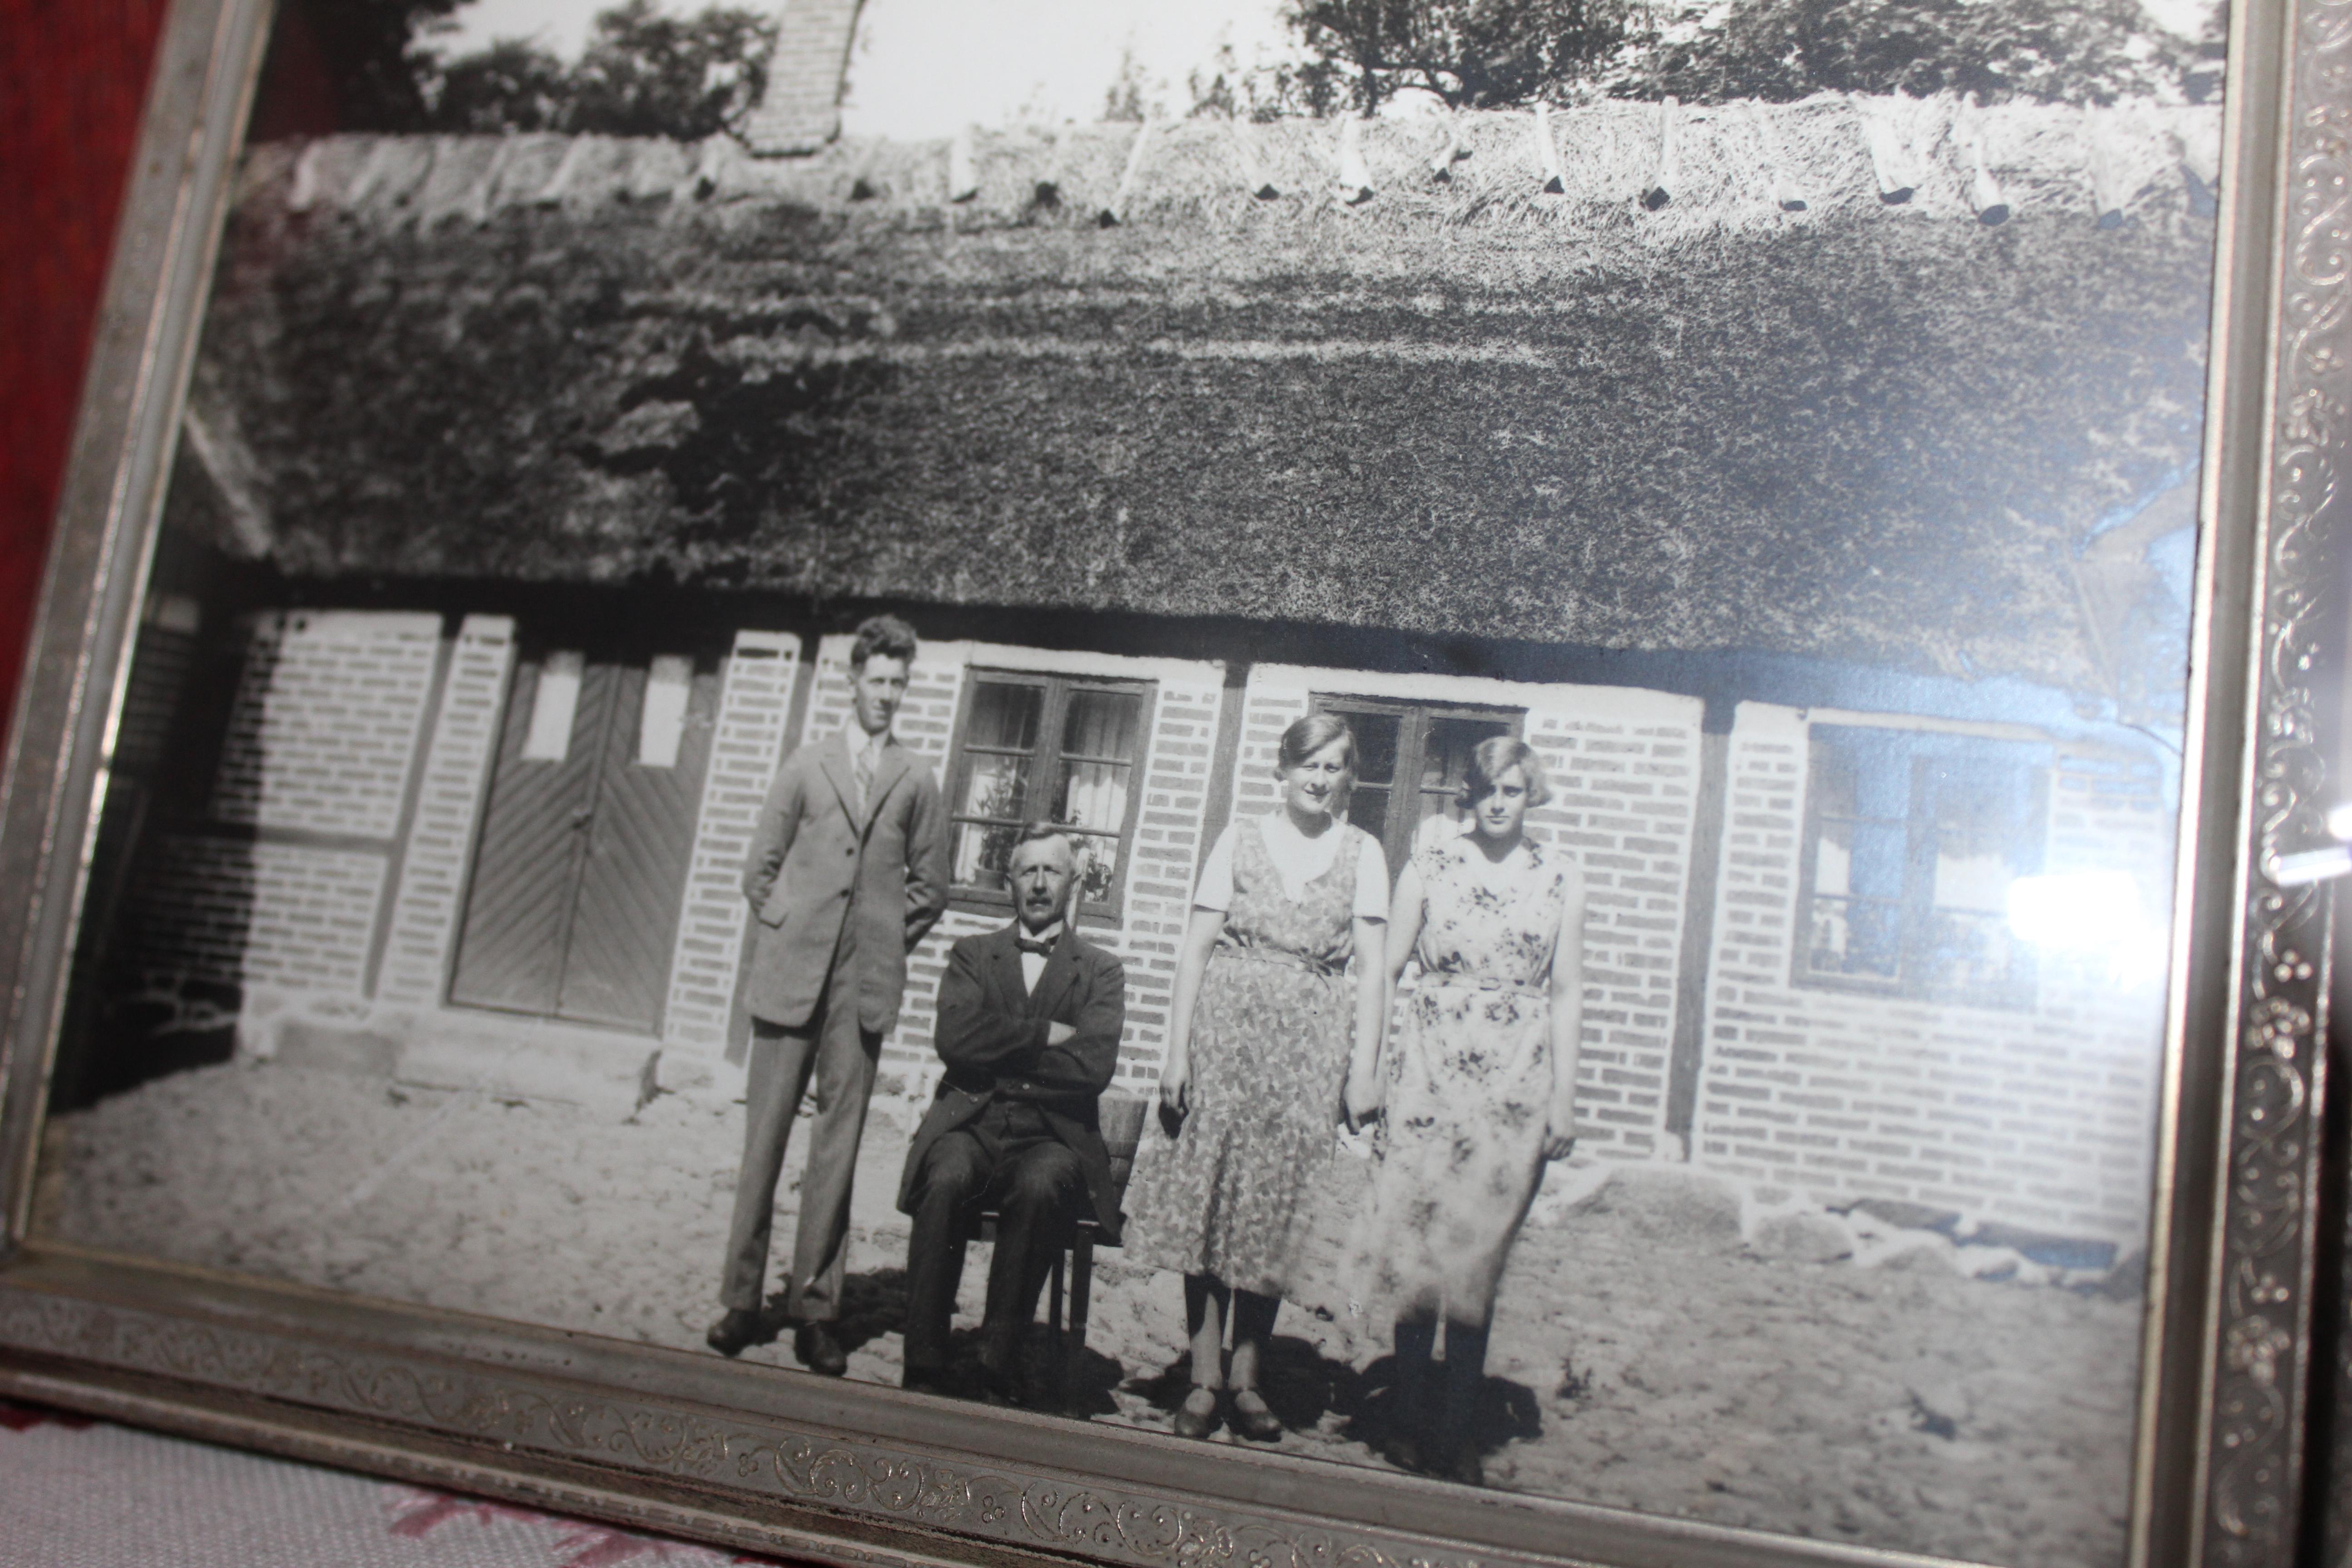 Gammelmorfar var en ovanlig man. Redan på tjugotalet anlitade han en körlärare så att mormor och hennes bror kunde få ta körkort. Själv nöjde han sig med att cykla till byn på en cykel med ett gigantiskt framhjul och litet bakhjul. Där lär han ha haft en affär med lärarinnan. Det har också sagts att han brukade träffa vänner på Stora Hotellet i Tomelilla. Snäll som han var ska han ha gått i borgen för dessa vänner. Mormor tog över gården innan han dog - och sedan var där inte mycket över att bråka om.